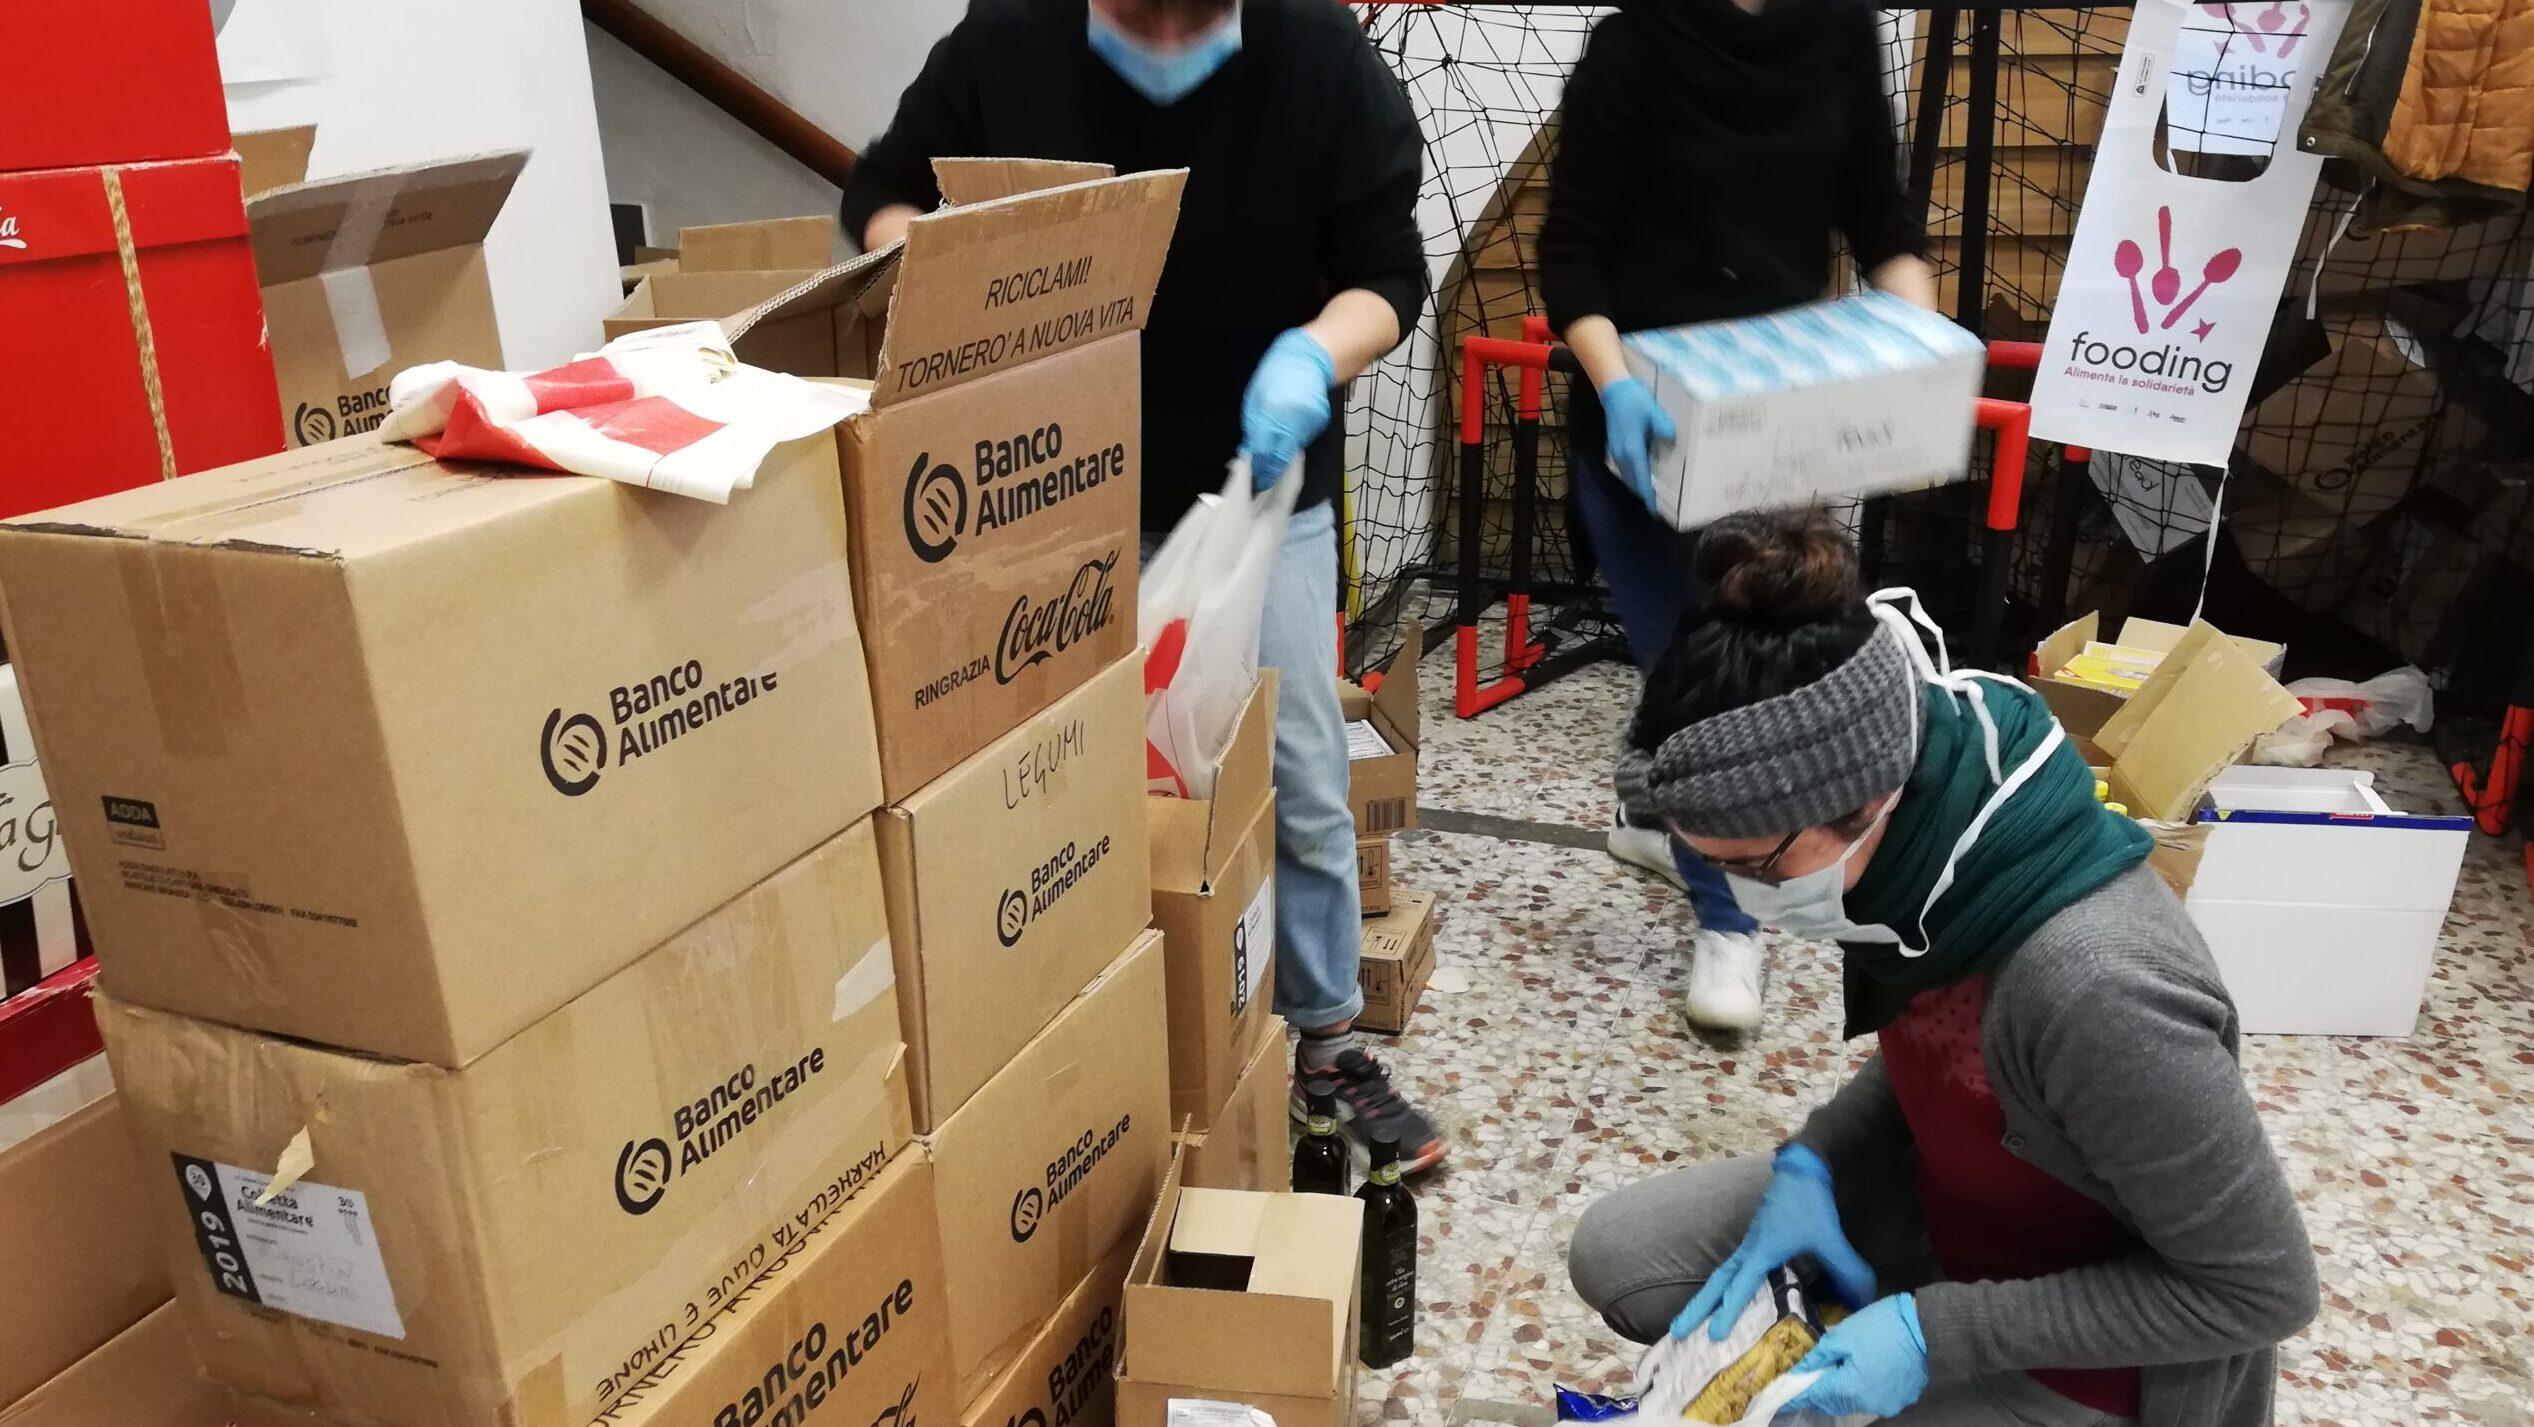 Le reti solidali riempiono il vuoto lasciato dallo stato in Italia